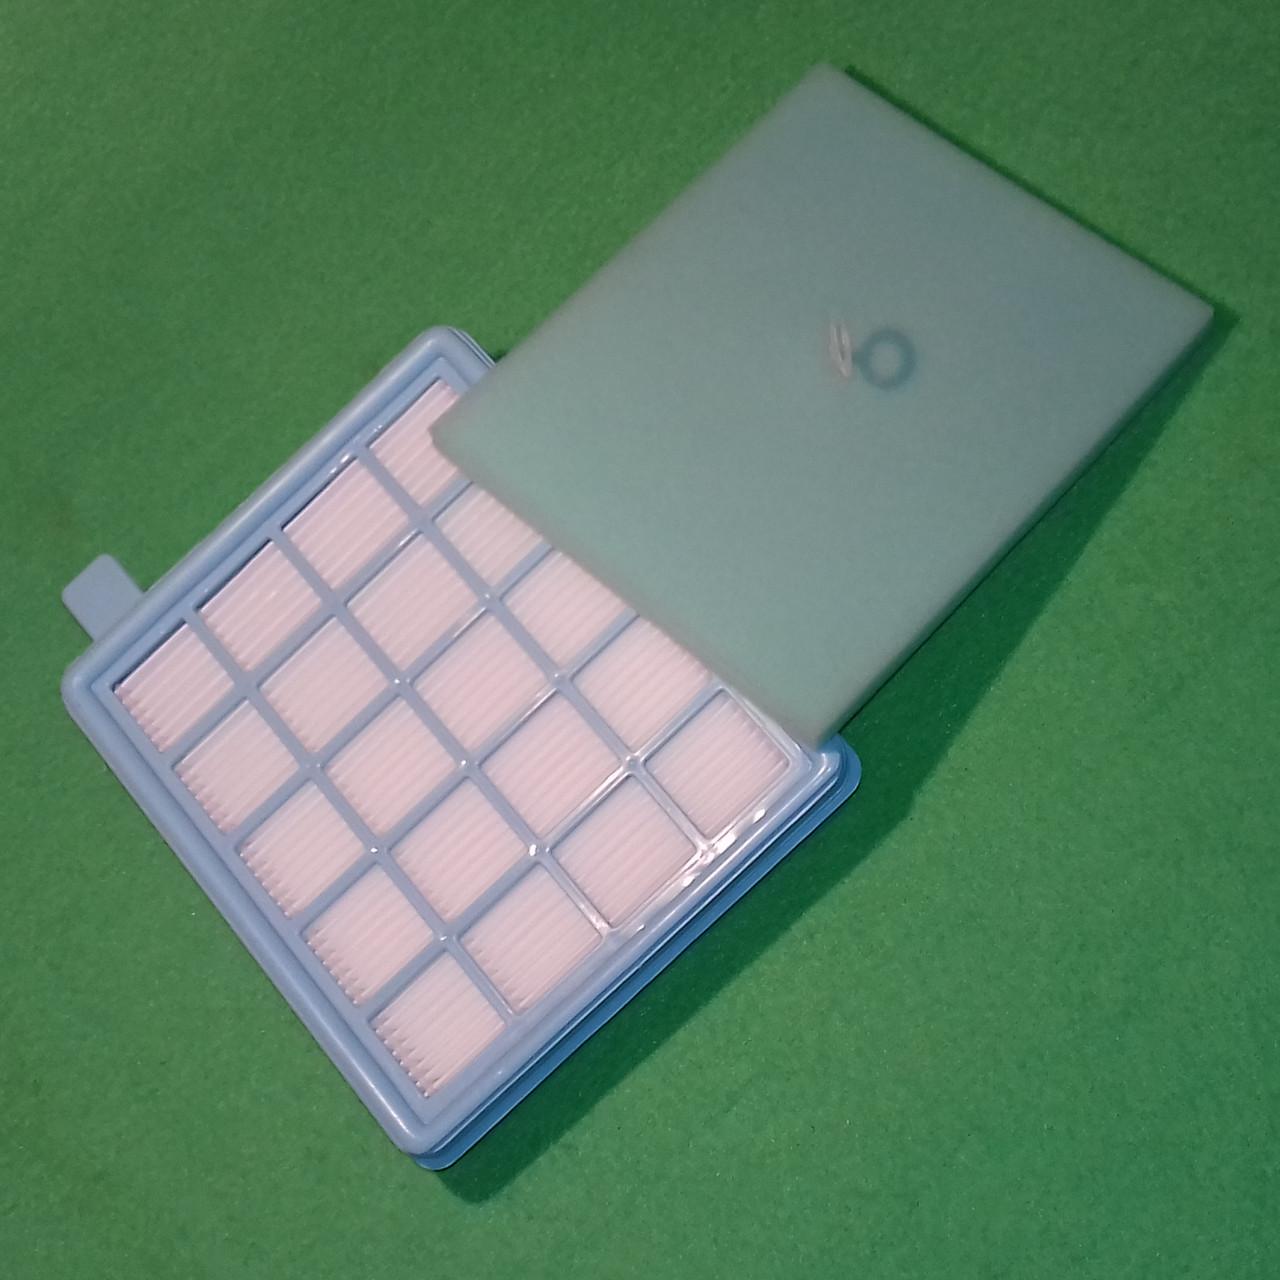 HEPA фильтр контейнера CP0252/01 (в сборе) к пылесосу Philips 432200493801